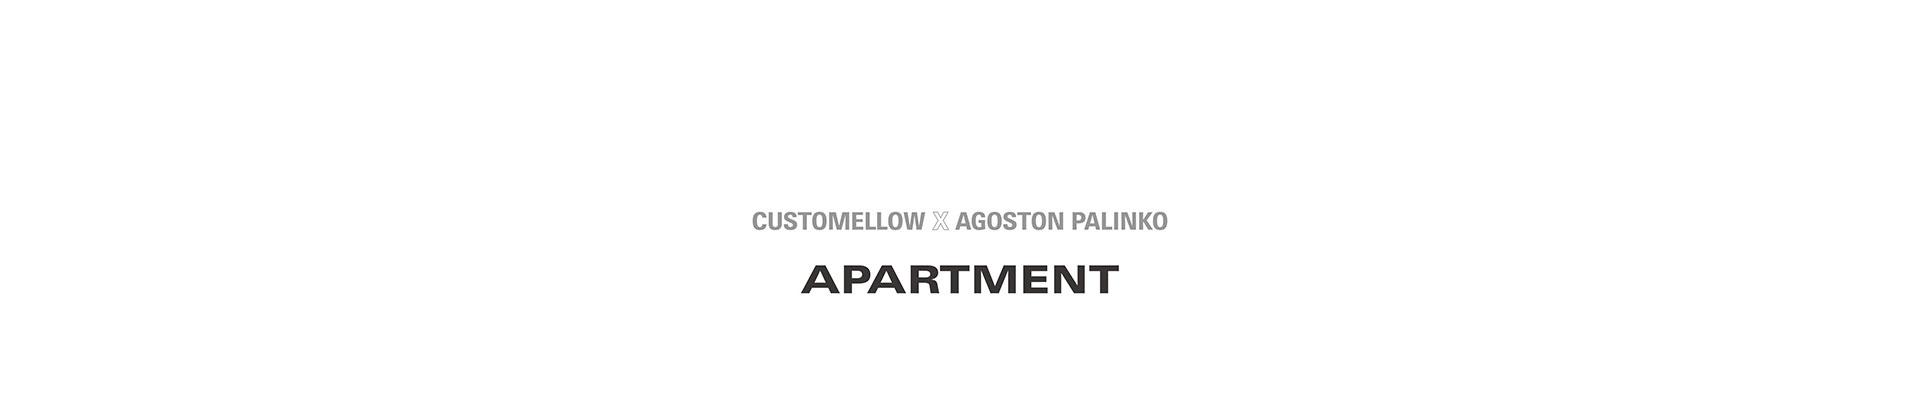 CUSTOMELLOW X AGOSTON PALINKO APARTMENT